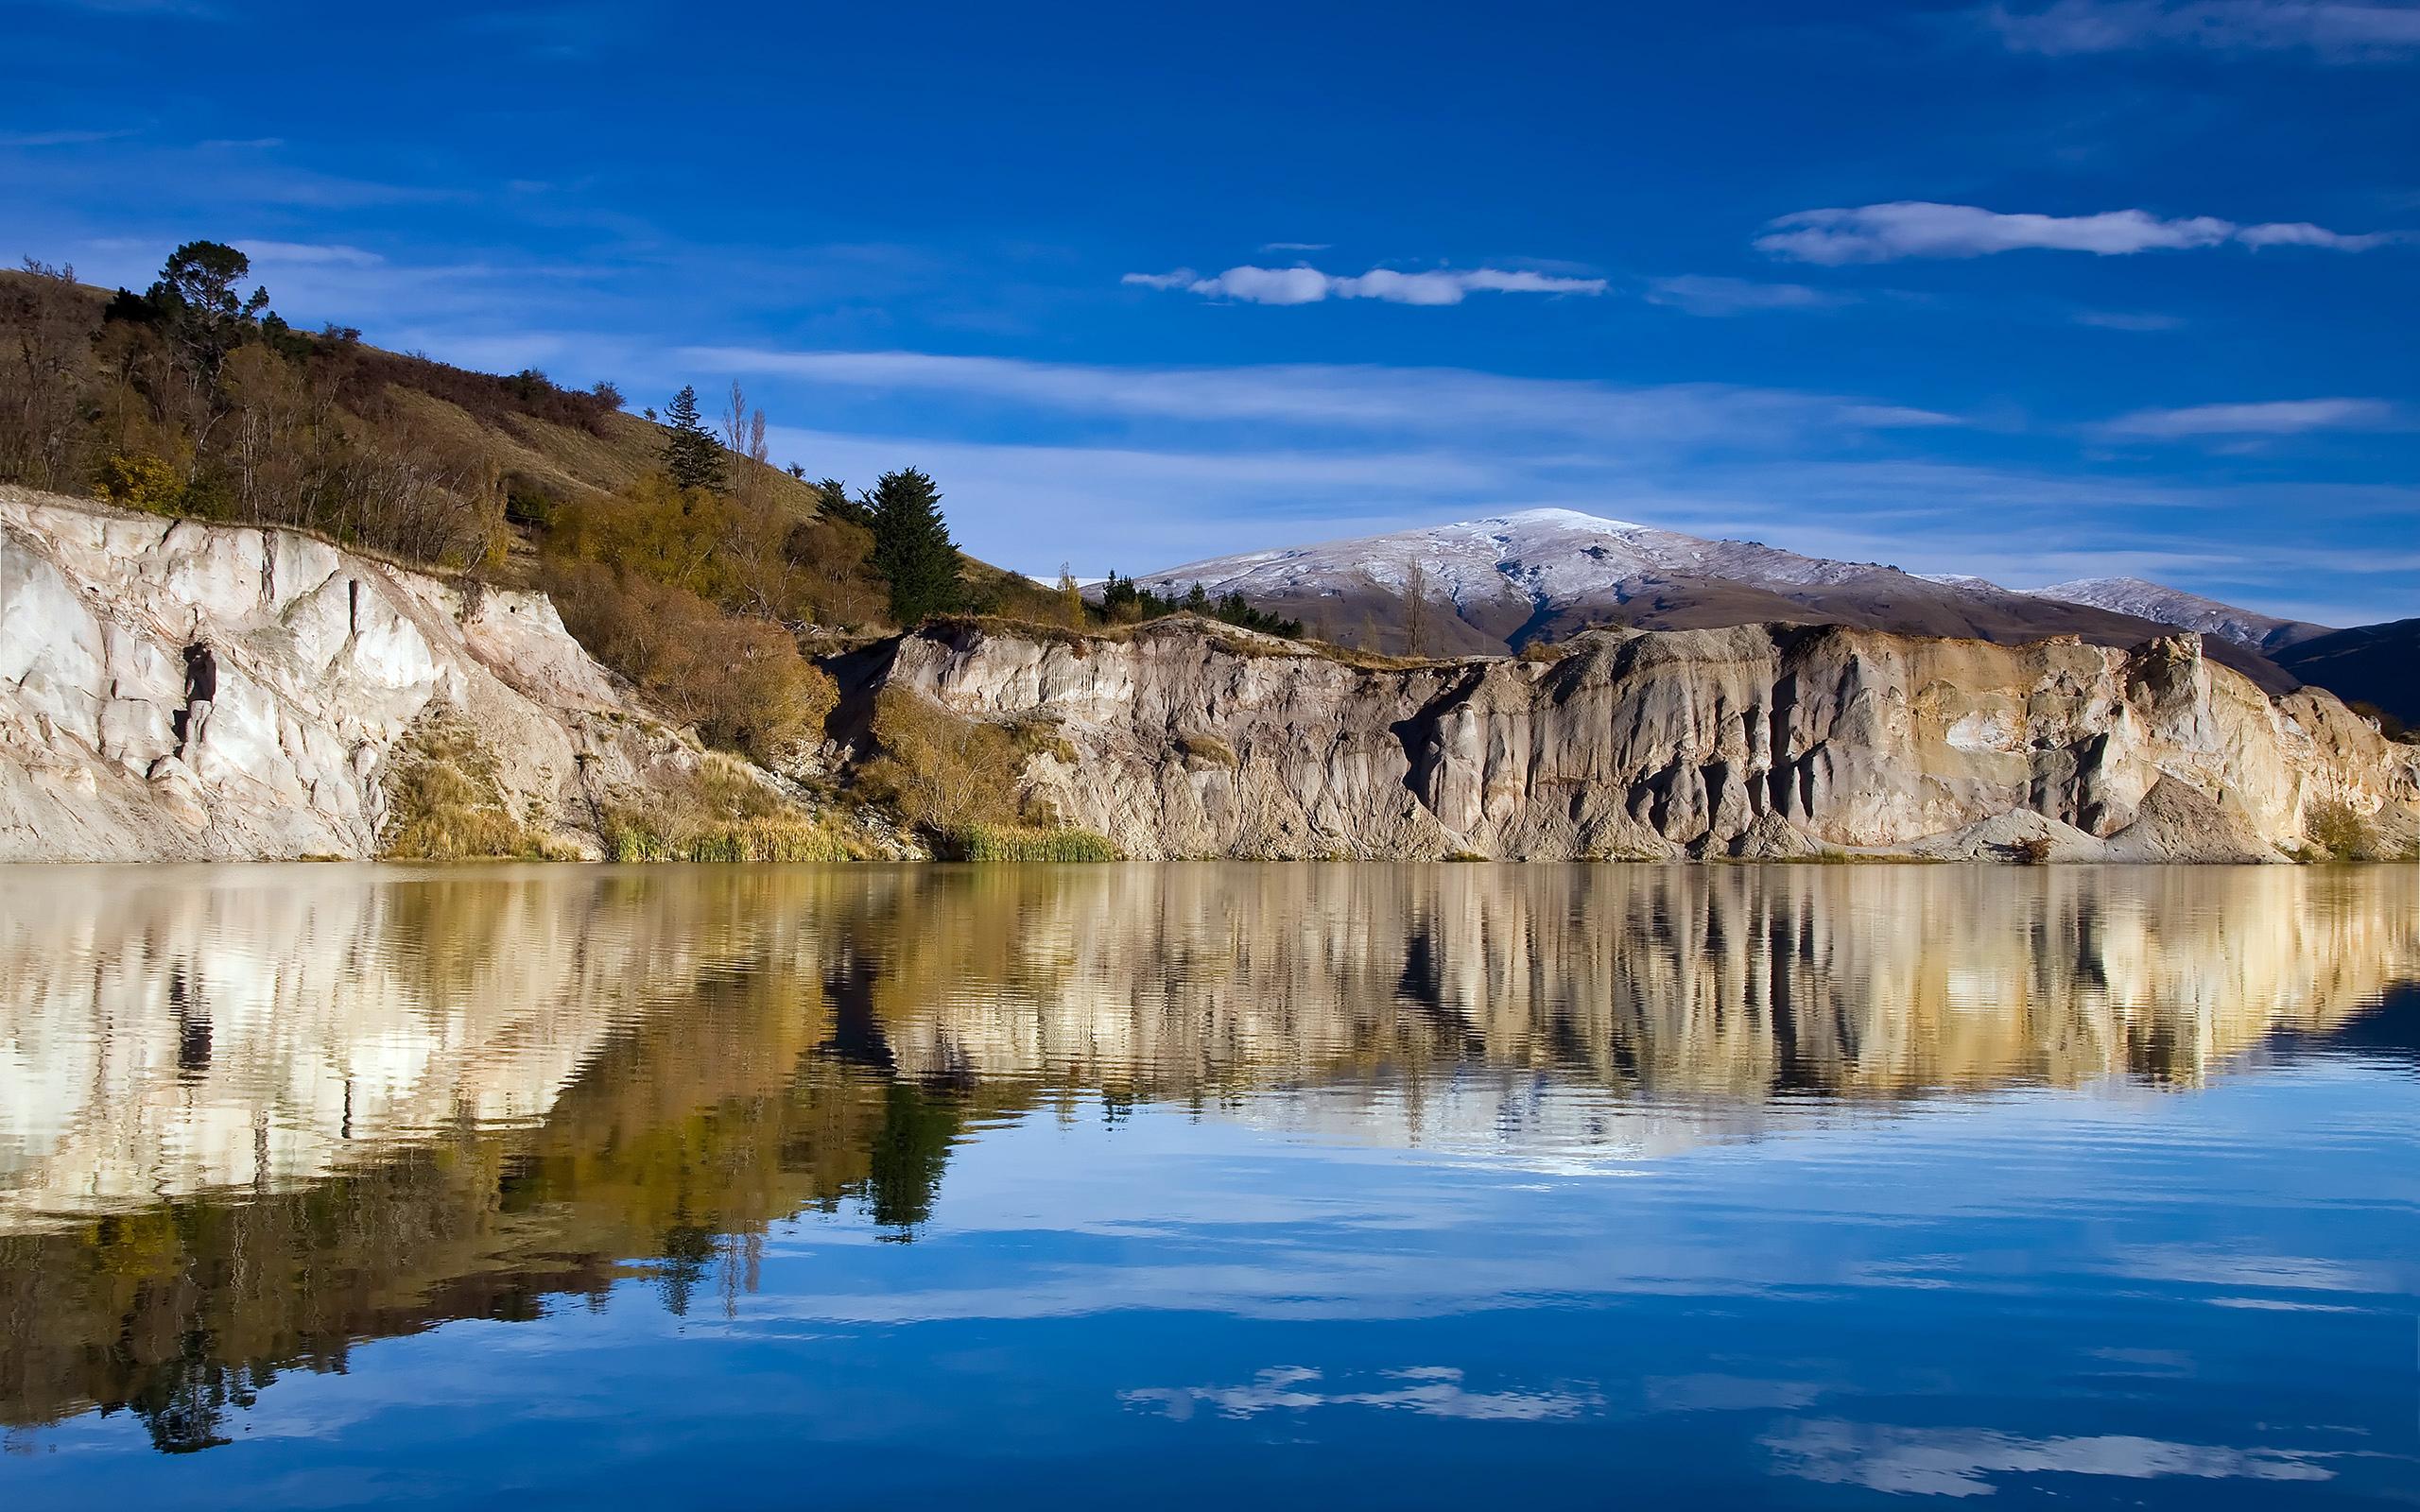 природа река горы скалы  № 885499 бесплатно